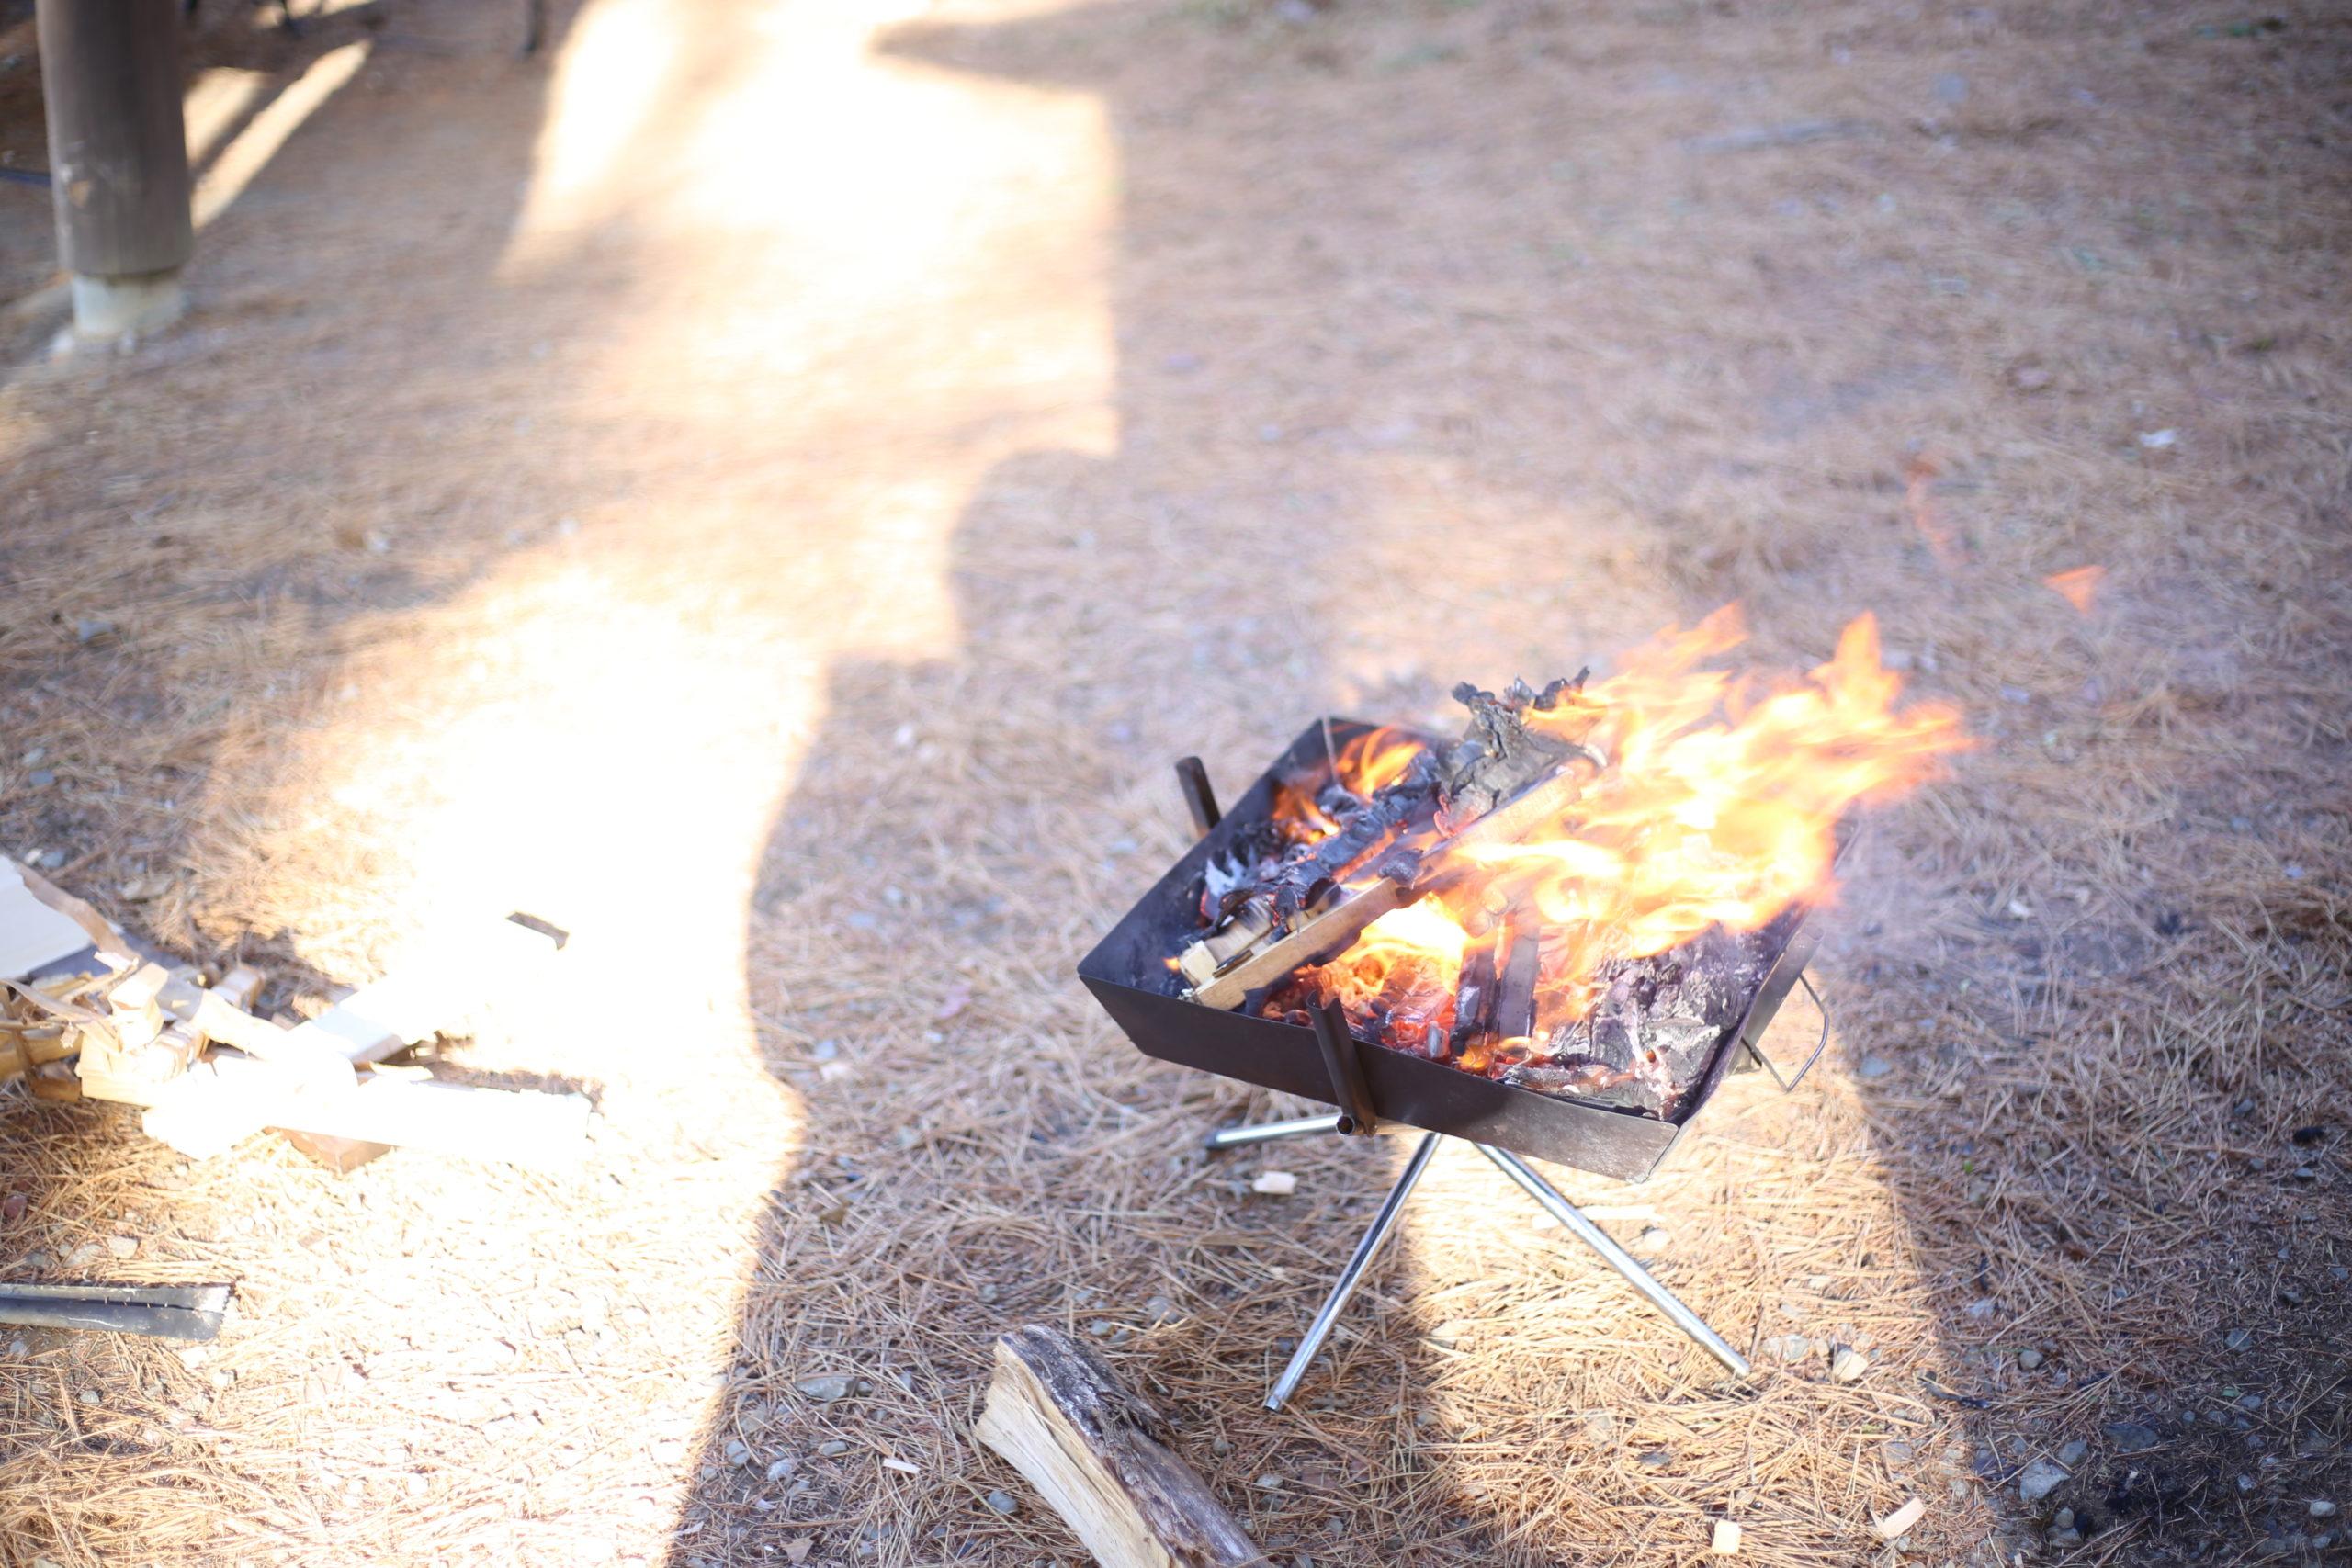 テントでもグランピングでもない子連れキャンプに『ちょうどいい』ところ